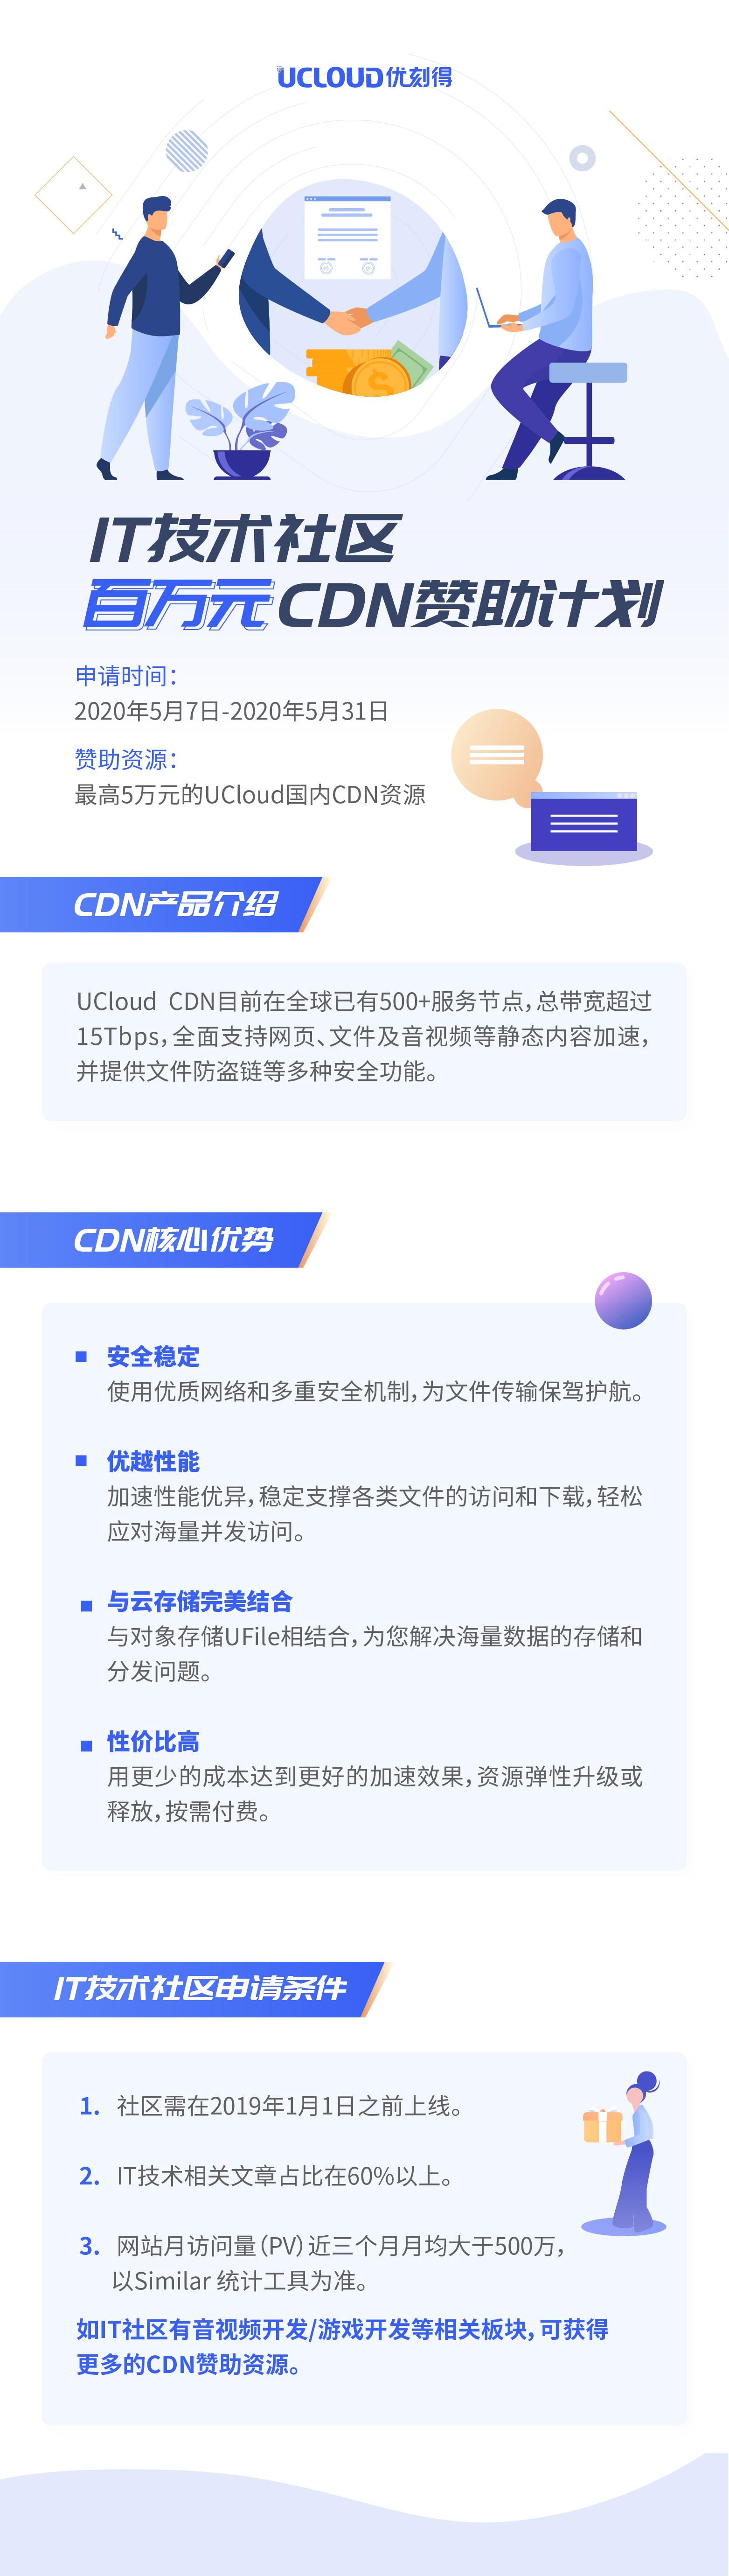 百万元UCDN资源!UCloud优刻得推出IT技术社区赞助计划